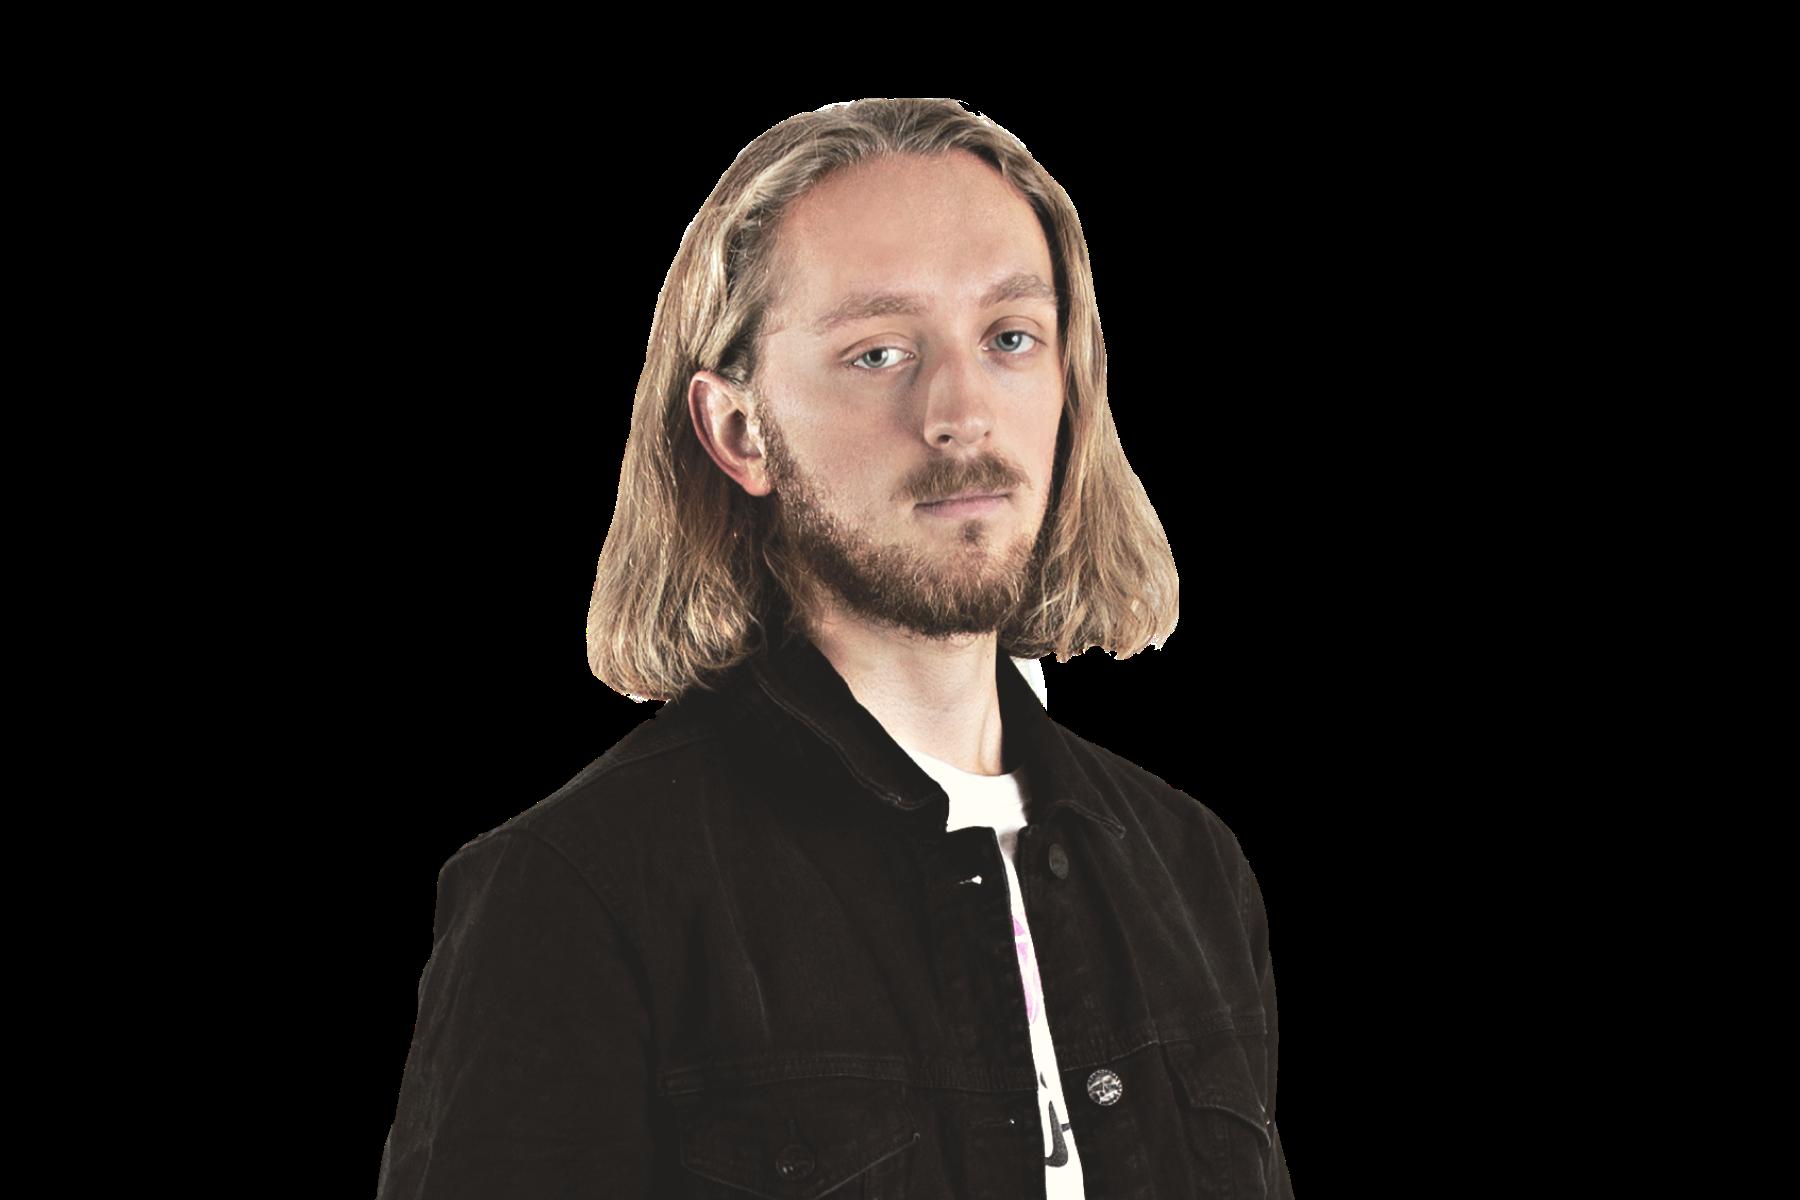 Marcel-Canzona Filmmaker Content Creator at King Ursa